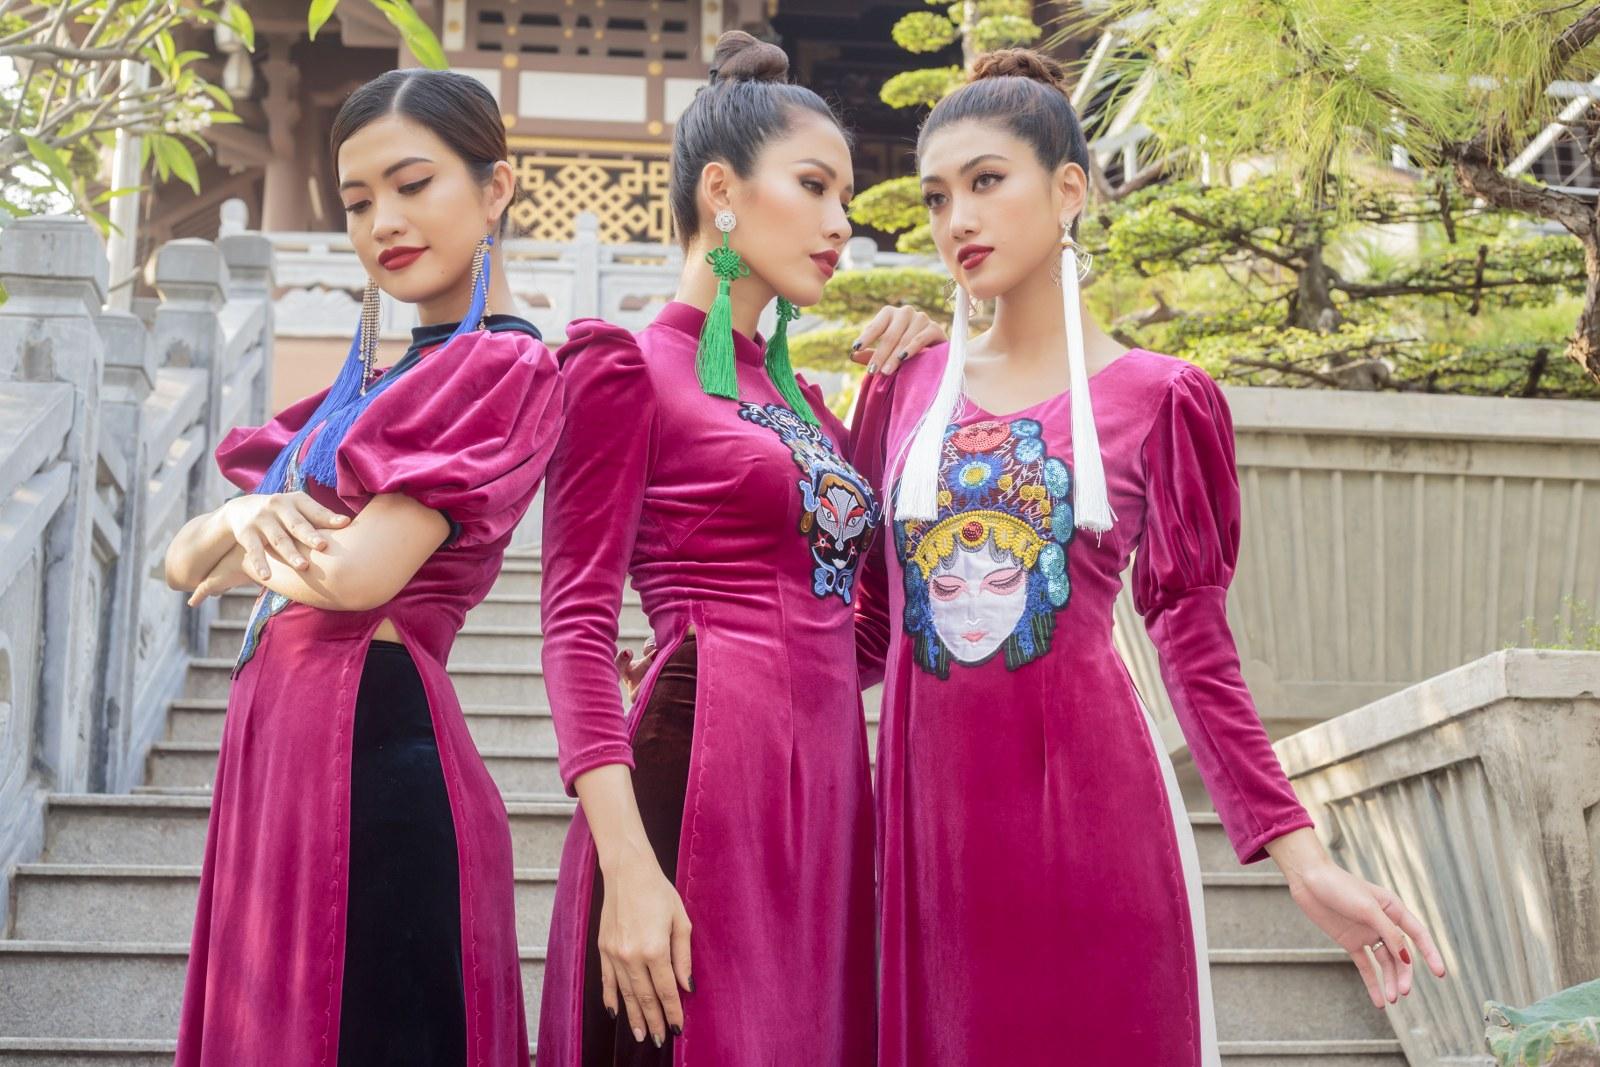 Lên ý tưởng cho BST này là những hình ảnh văn hóa mang giá trị lâu đời của Việt Nam, những họa tiết đầy uy quyền qua các thời kỳ lịch sử.